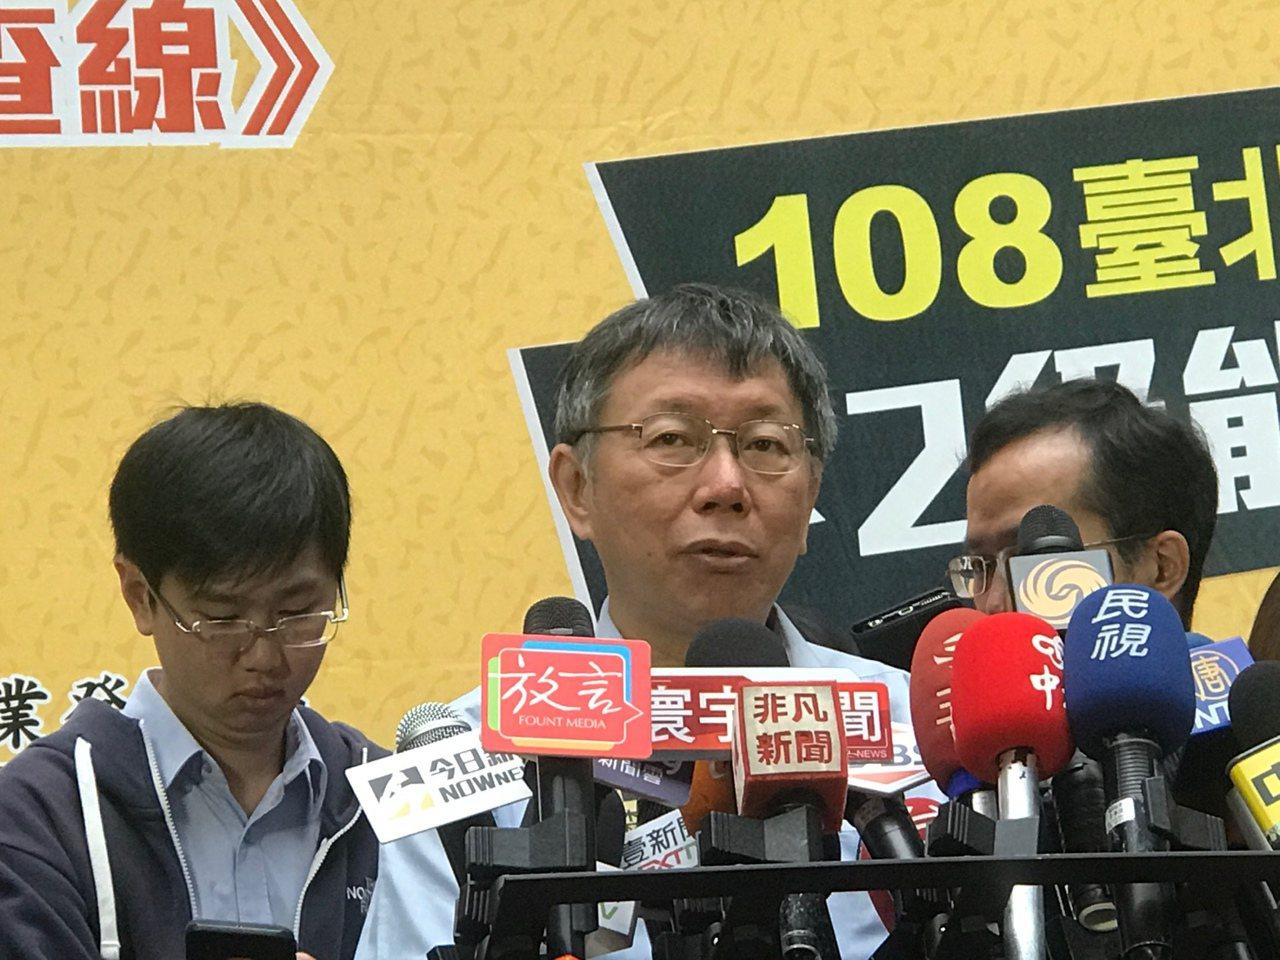 台北市长柯文哲上午在市府受访。记者杨正海/摄影